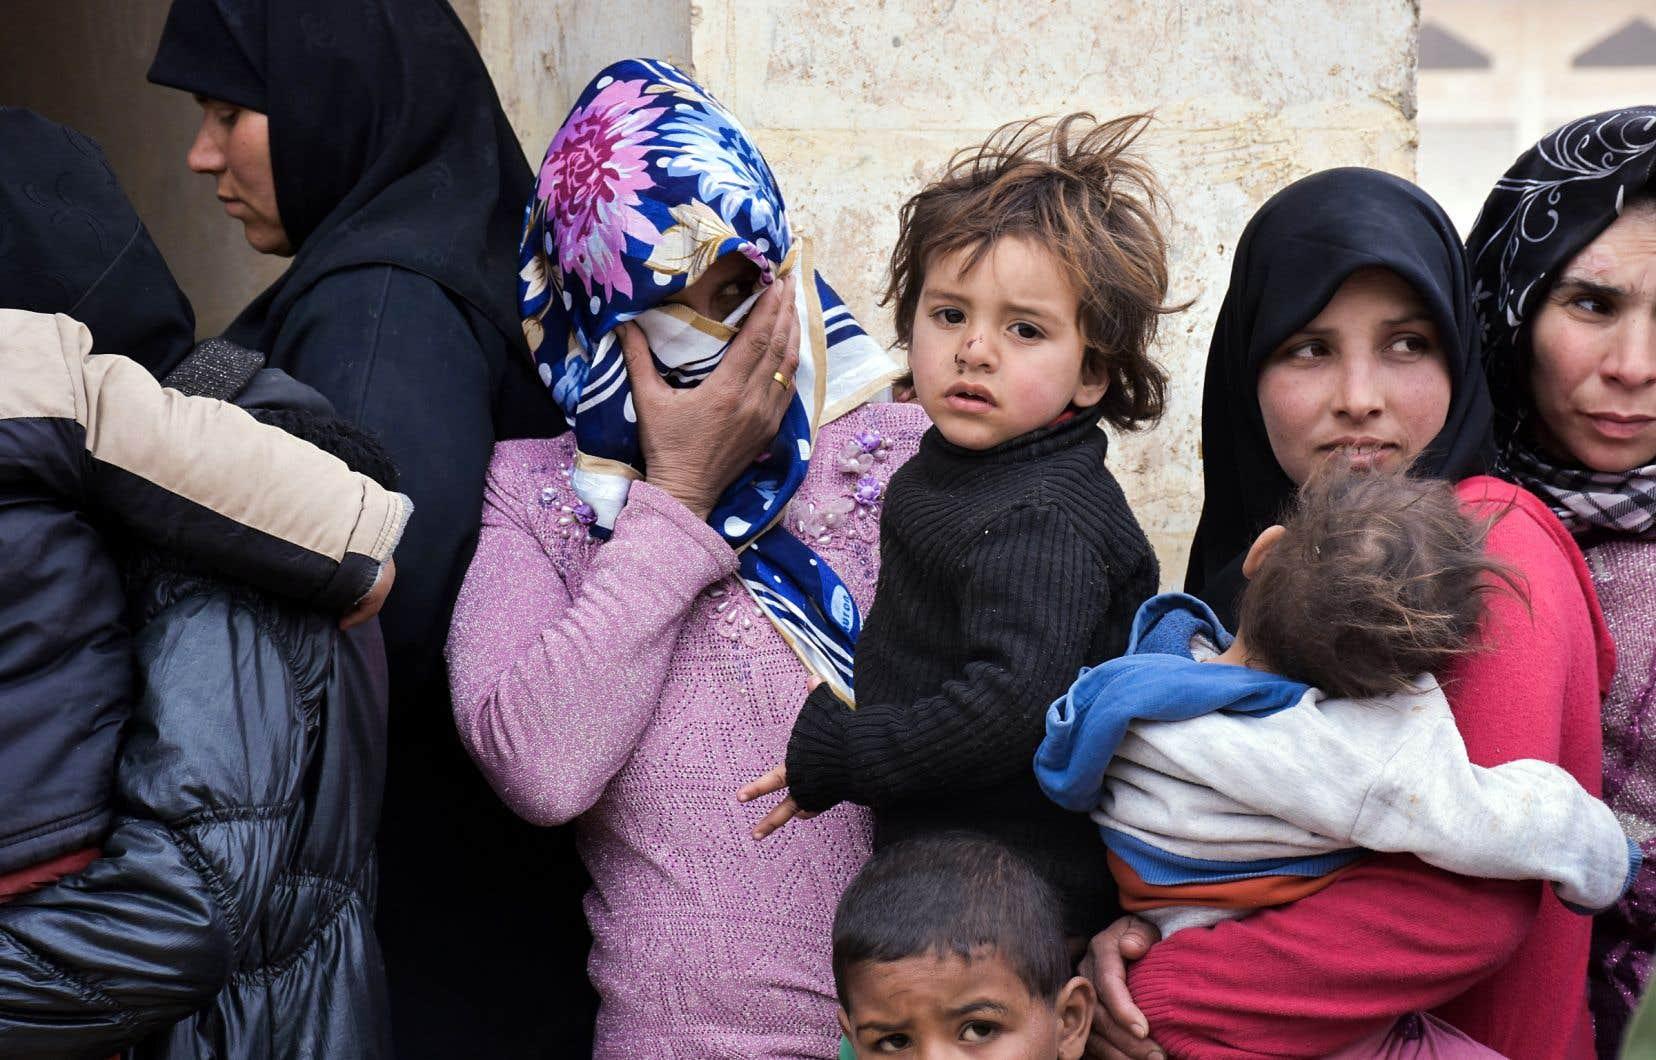 Des femmes syriennes font la file pour recevoir des soins médicaux dans un hôpital en périphérie de la ville d'Alep, en Syrie.